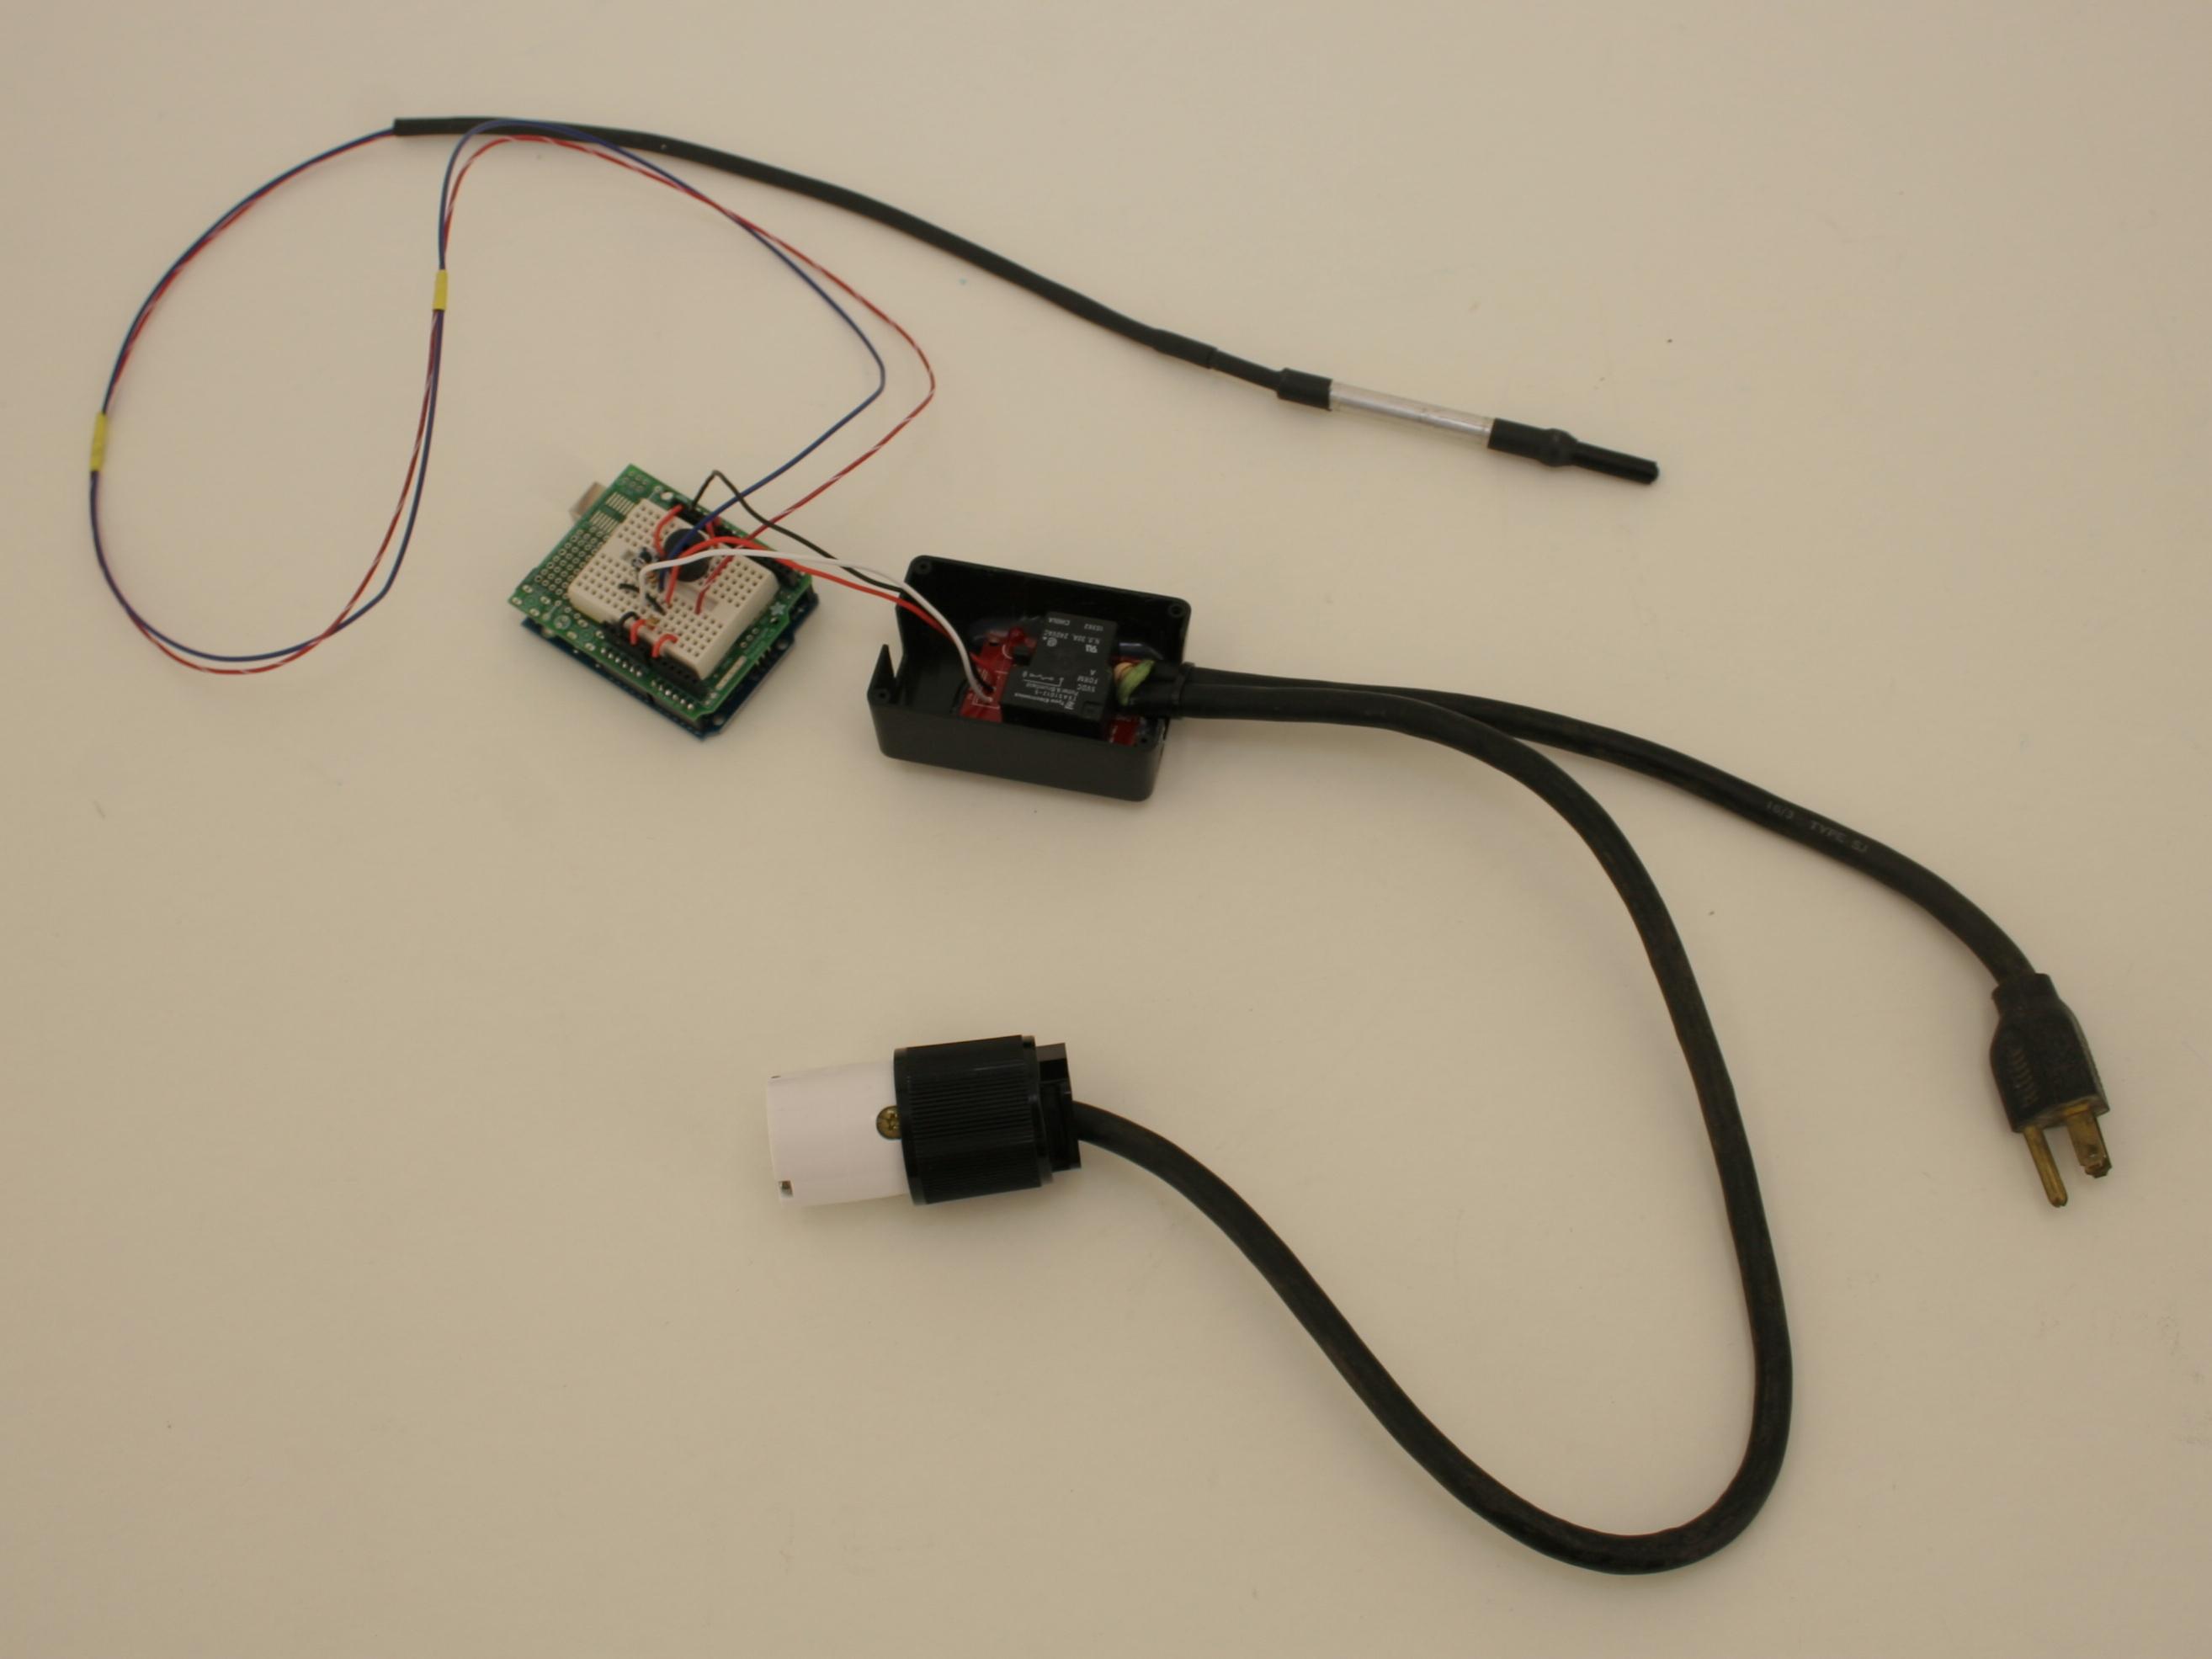 New Project: Yobot: Arduino YogurtMaker